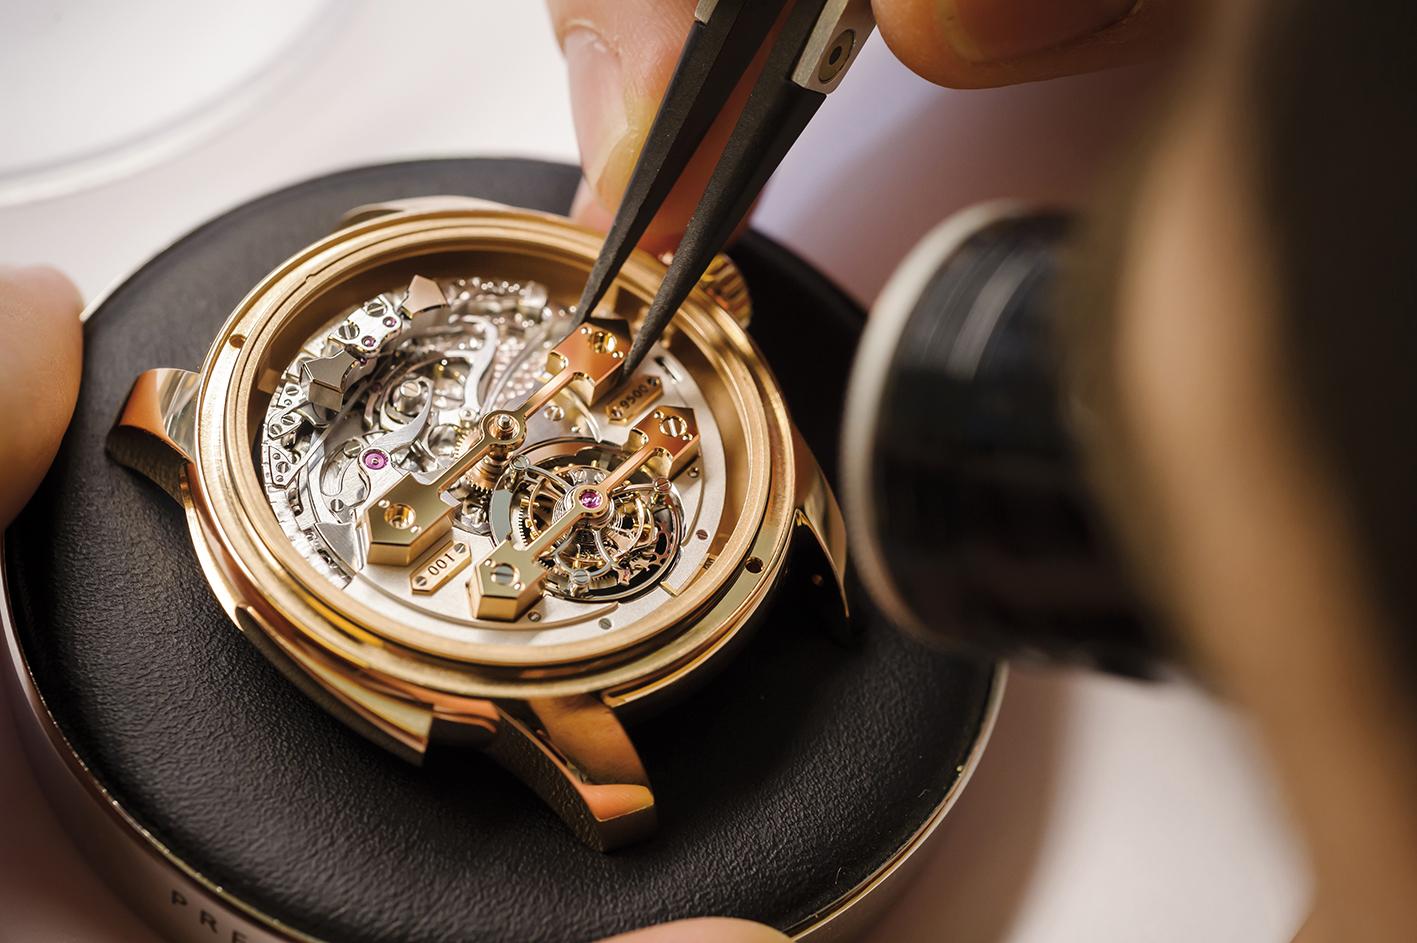 Оценим стоимость швейцарских наручных часов